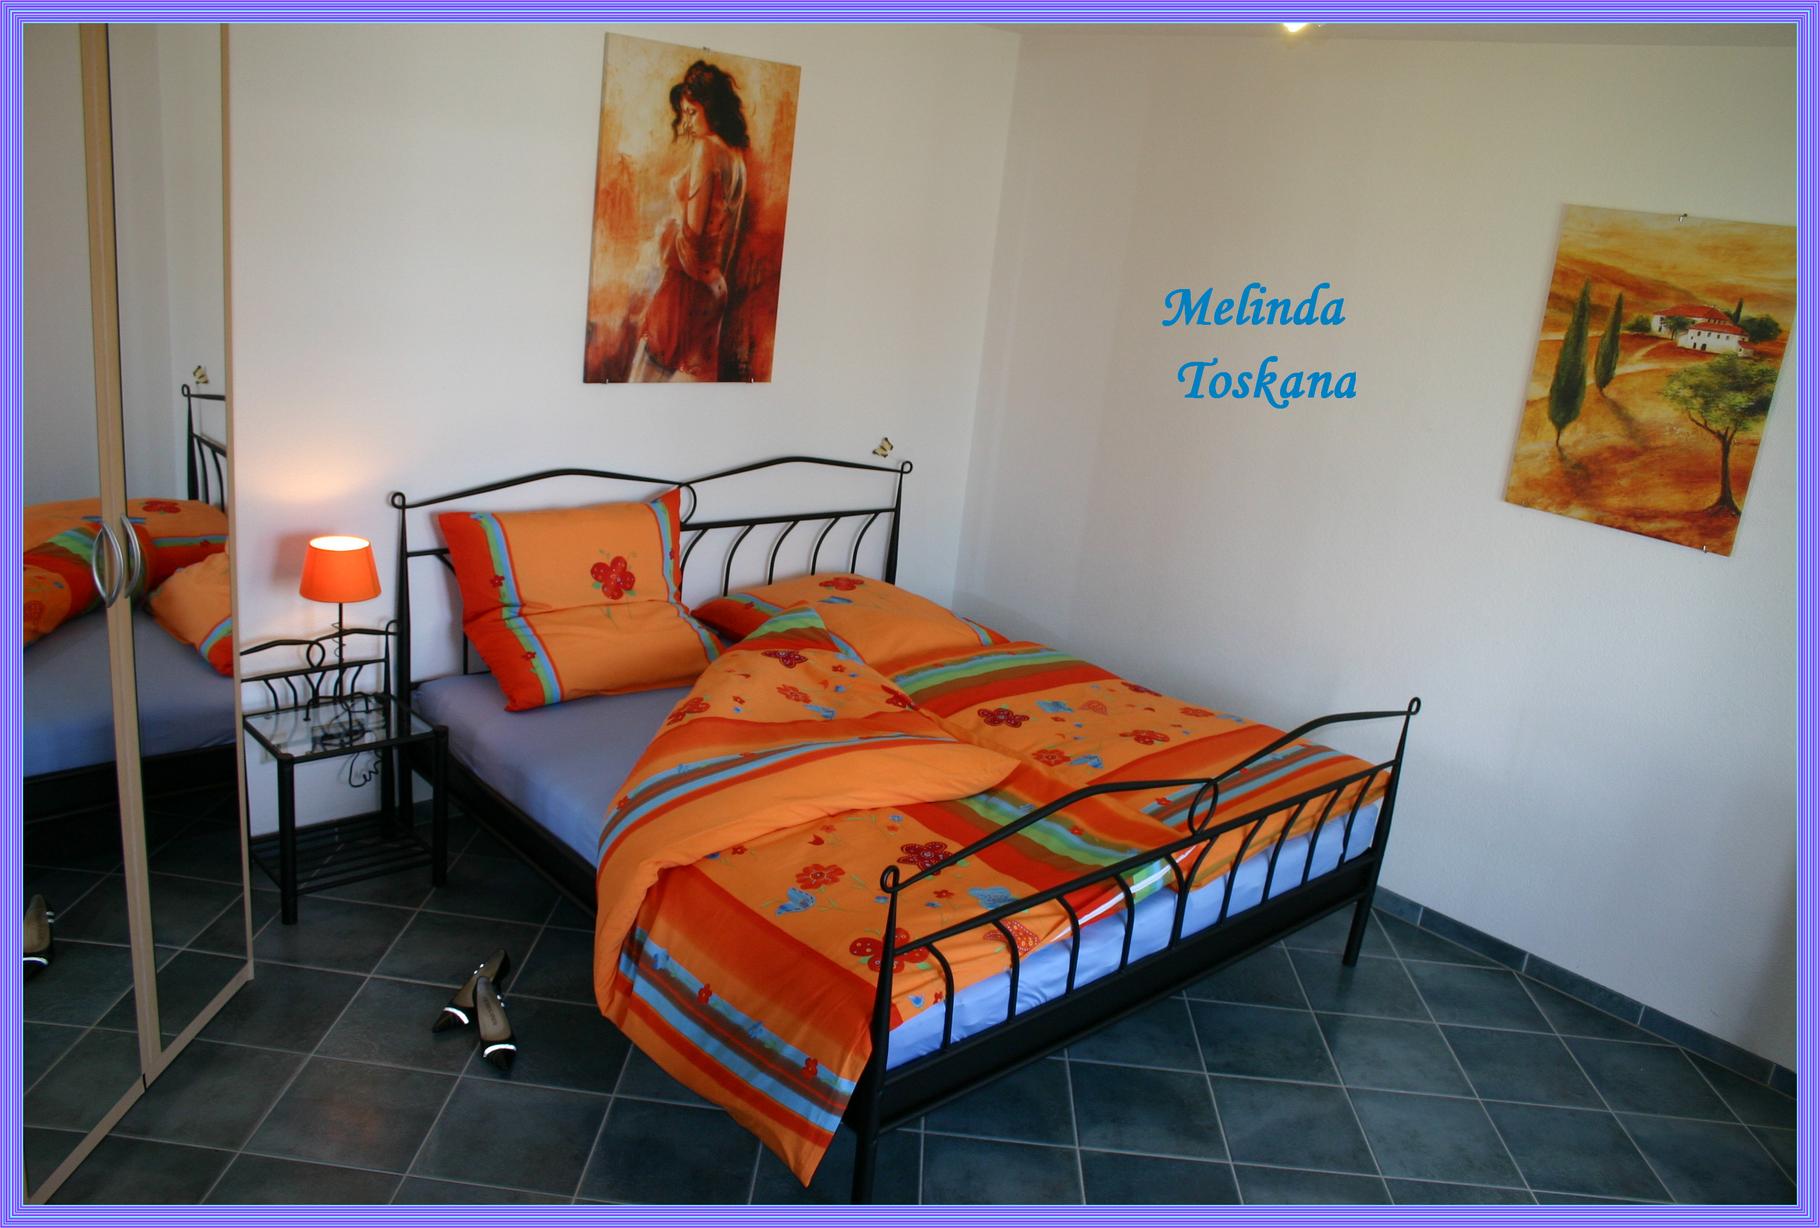 Unsere Traum Ferienwohnung Melinda Toskana in Freiburg - ideal für Geschäftsreisende